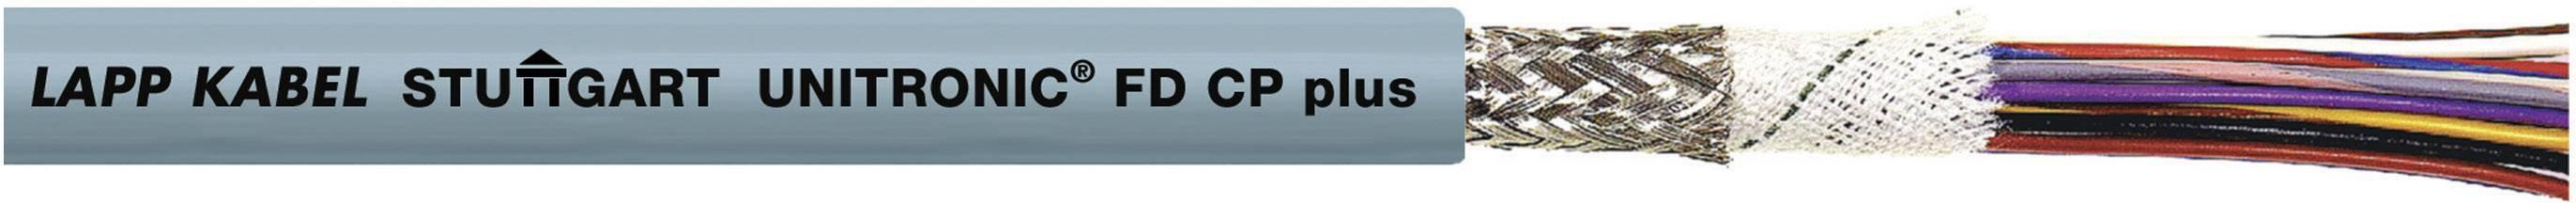 Datový kabel LappKabel UNITRONIC FD CP plus 3X0,34 (0028899), 3x 0,34 mm², stíněný, 1 m, šedá